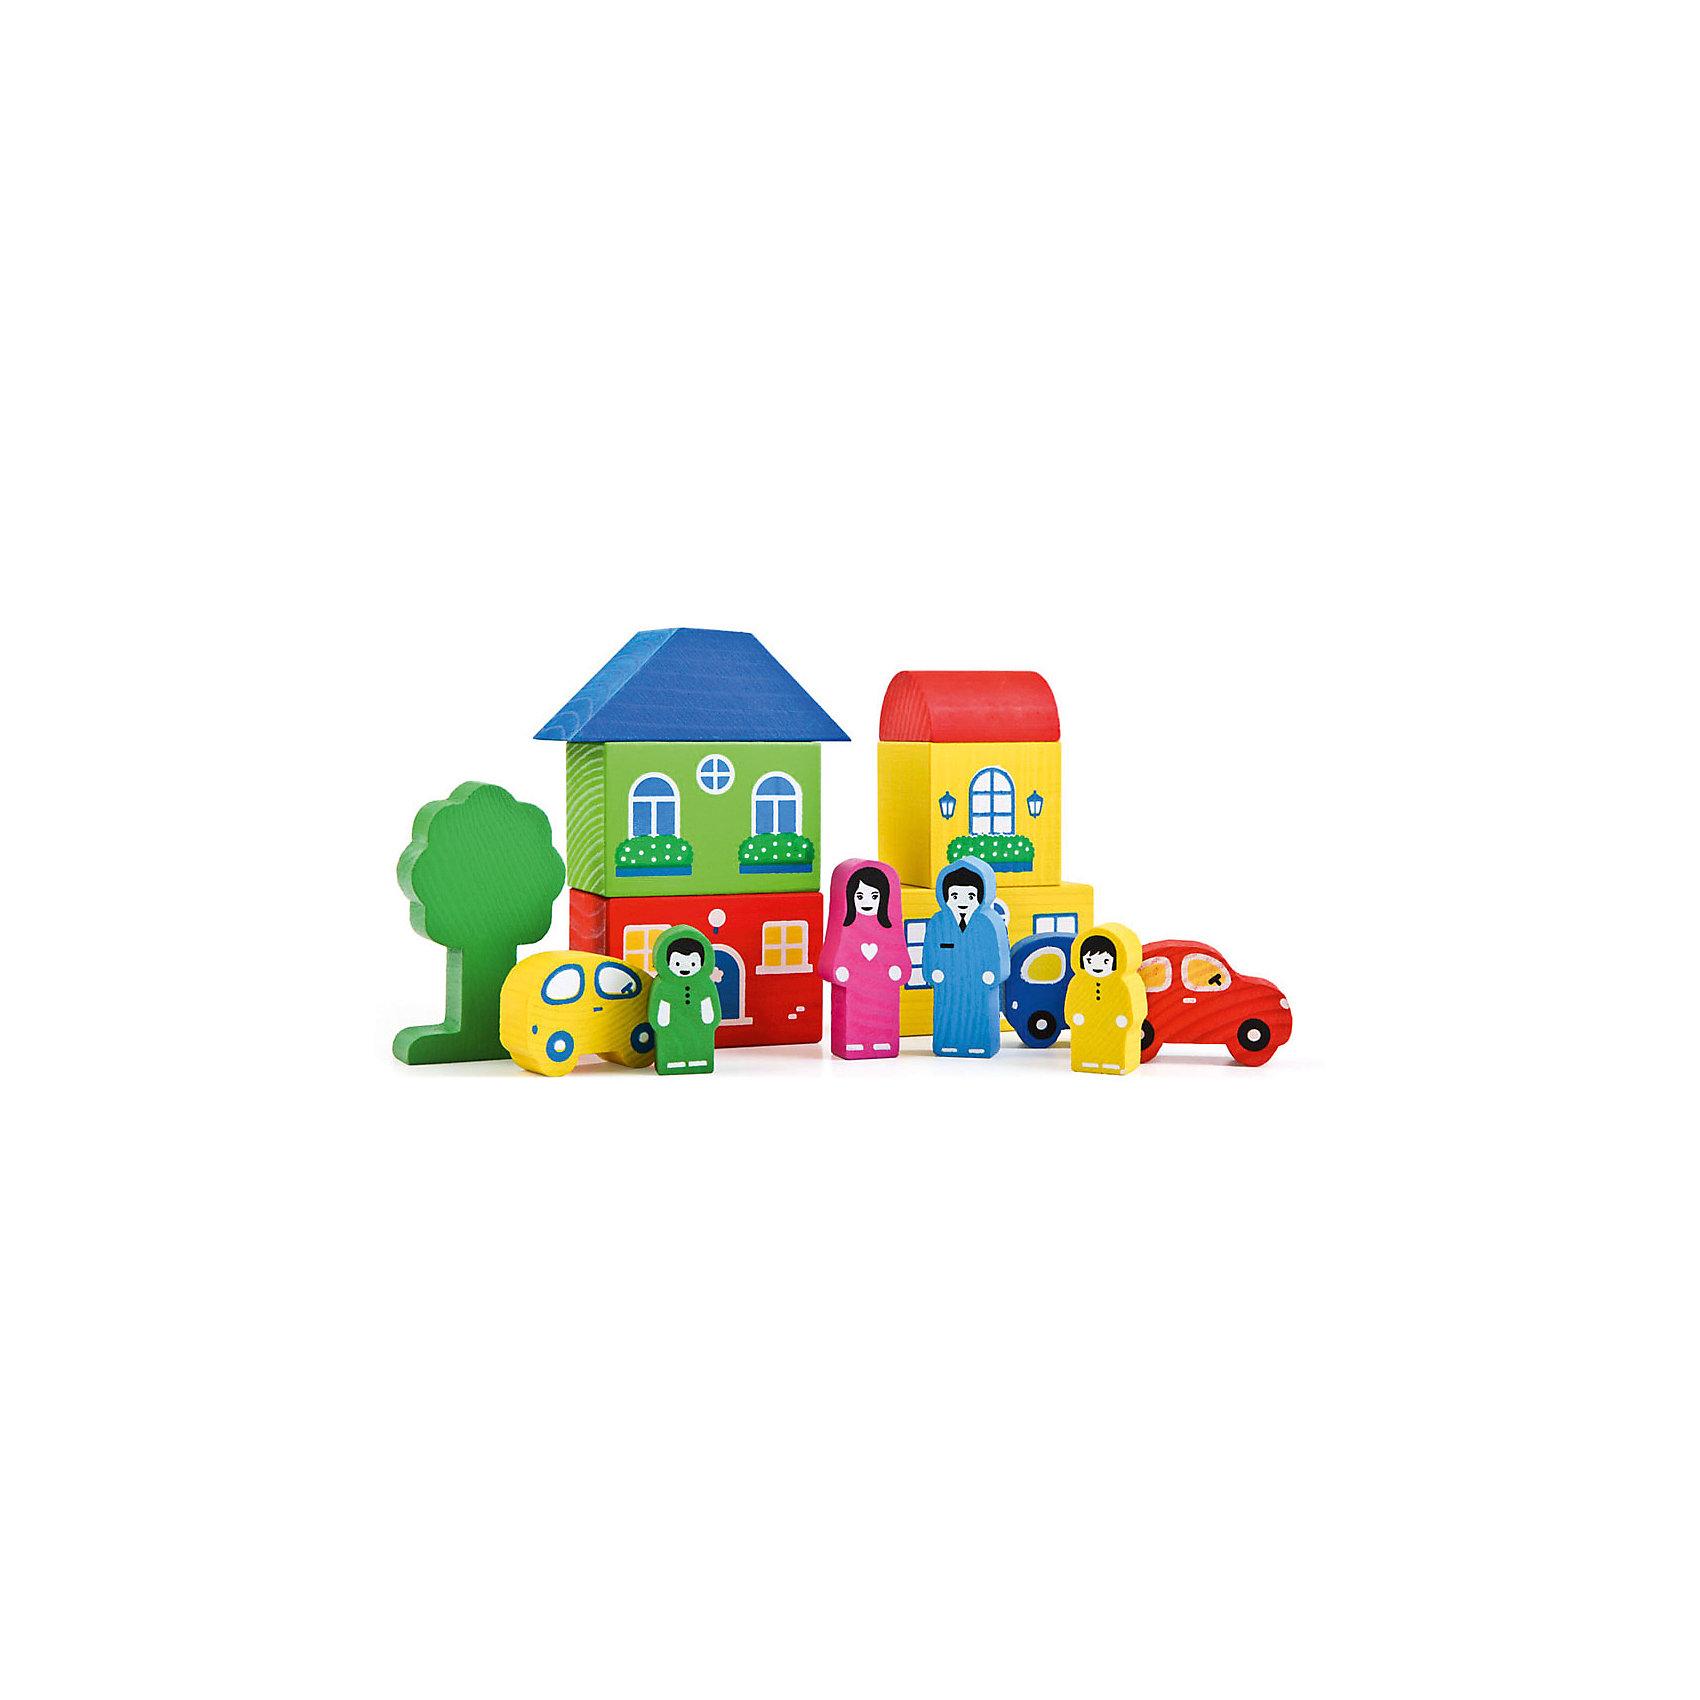 Конструктор   Цветной городок, 14 деталей,  ТомикДеревянные конструкторы<br>Конструктор «Цветной городок», 14 деталей, Томик - яркий конструктор для малышей из экологически чистого материала.<br><br>С этим замечательным конструктором Вы с малышом сможете придумать различные сюжеты для игр – построить дом, поиграть в ролевые игры с фигурками людей, покатать машинки, ведь для этого в наборе есть все необходимое. Этот красочный набор прекрасно подойдет для первого конструктора малыша, а также его можно сочетать с другими конструкторами Томик. <br><br>Комплектация:<br>- 14 различных деталей<br><br>Дополнительная информация:<br><br>- размер коробки: 21х17х4 см<br>- вес: 394 г<br>- материал: дерево<br><br>Конструктор «Цветной городок», 14 деталей, Томик поможет развить Вашему ребенку координацию движений, воображение, аккуратность и пространственное мышление.<br><br>Конструктор «Цветной городок», 14 деталей, Томик можно купить в нашем магазине.<br><br>Ширина мм: 210<br>Глубина мм: 170<br>Высота мм: 40<br>Вес г: 400<br>Возраст от месяцев: 36<br>Возраст до месяцев: 72<br>Пол: Унисекс<br>Возраст: Детский<br>SKU: 3574603